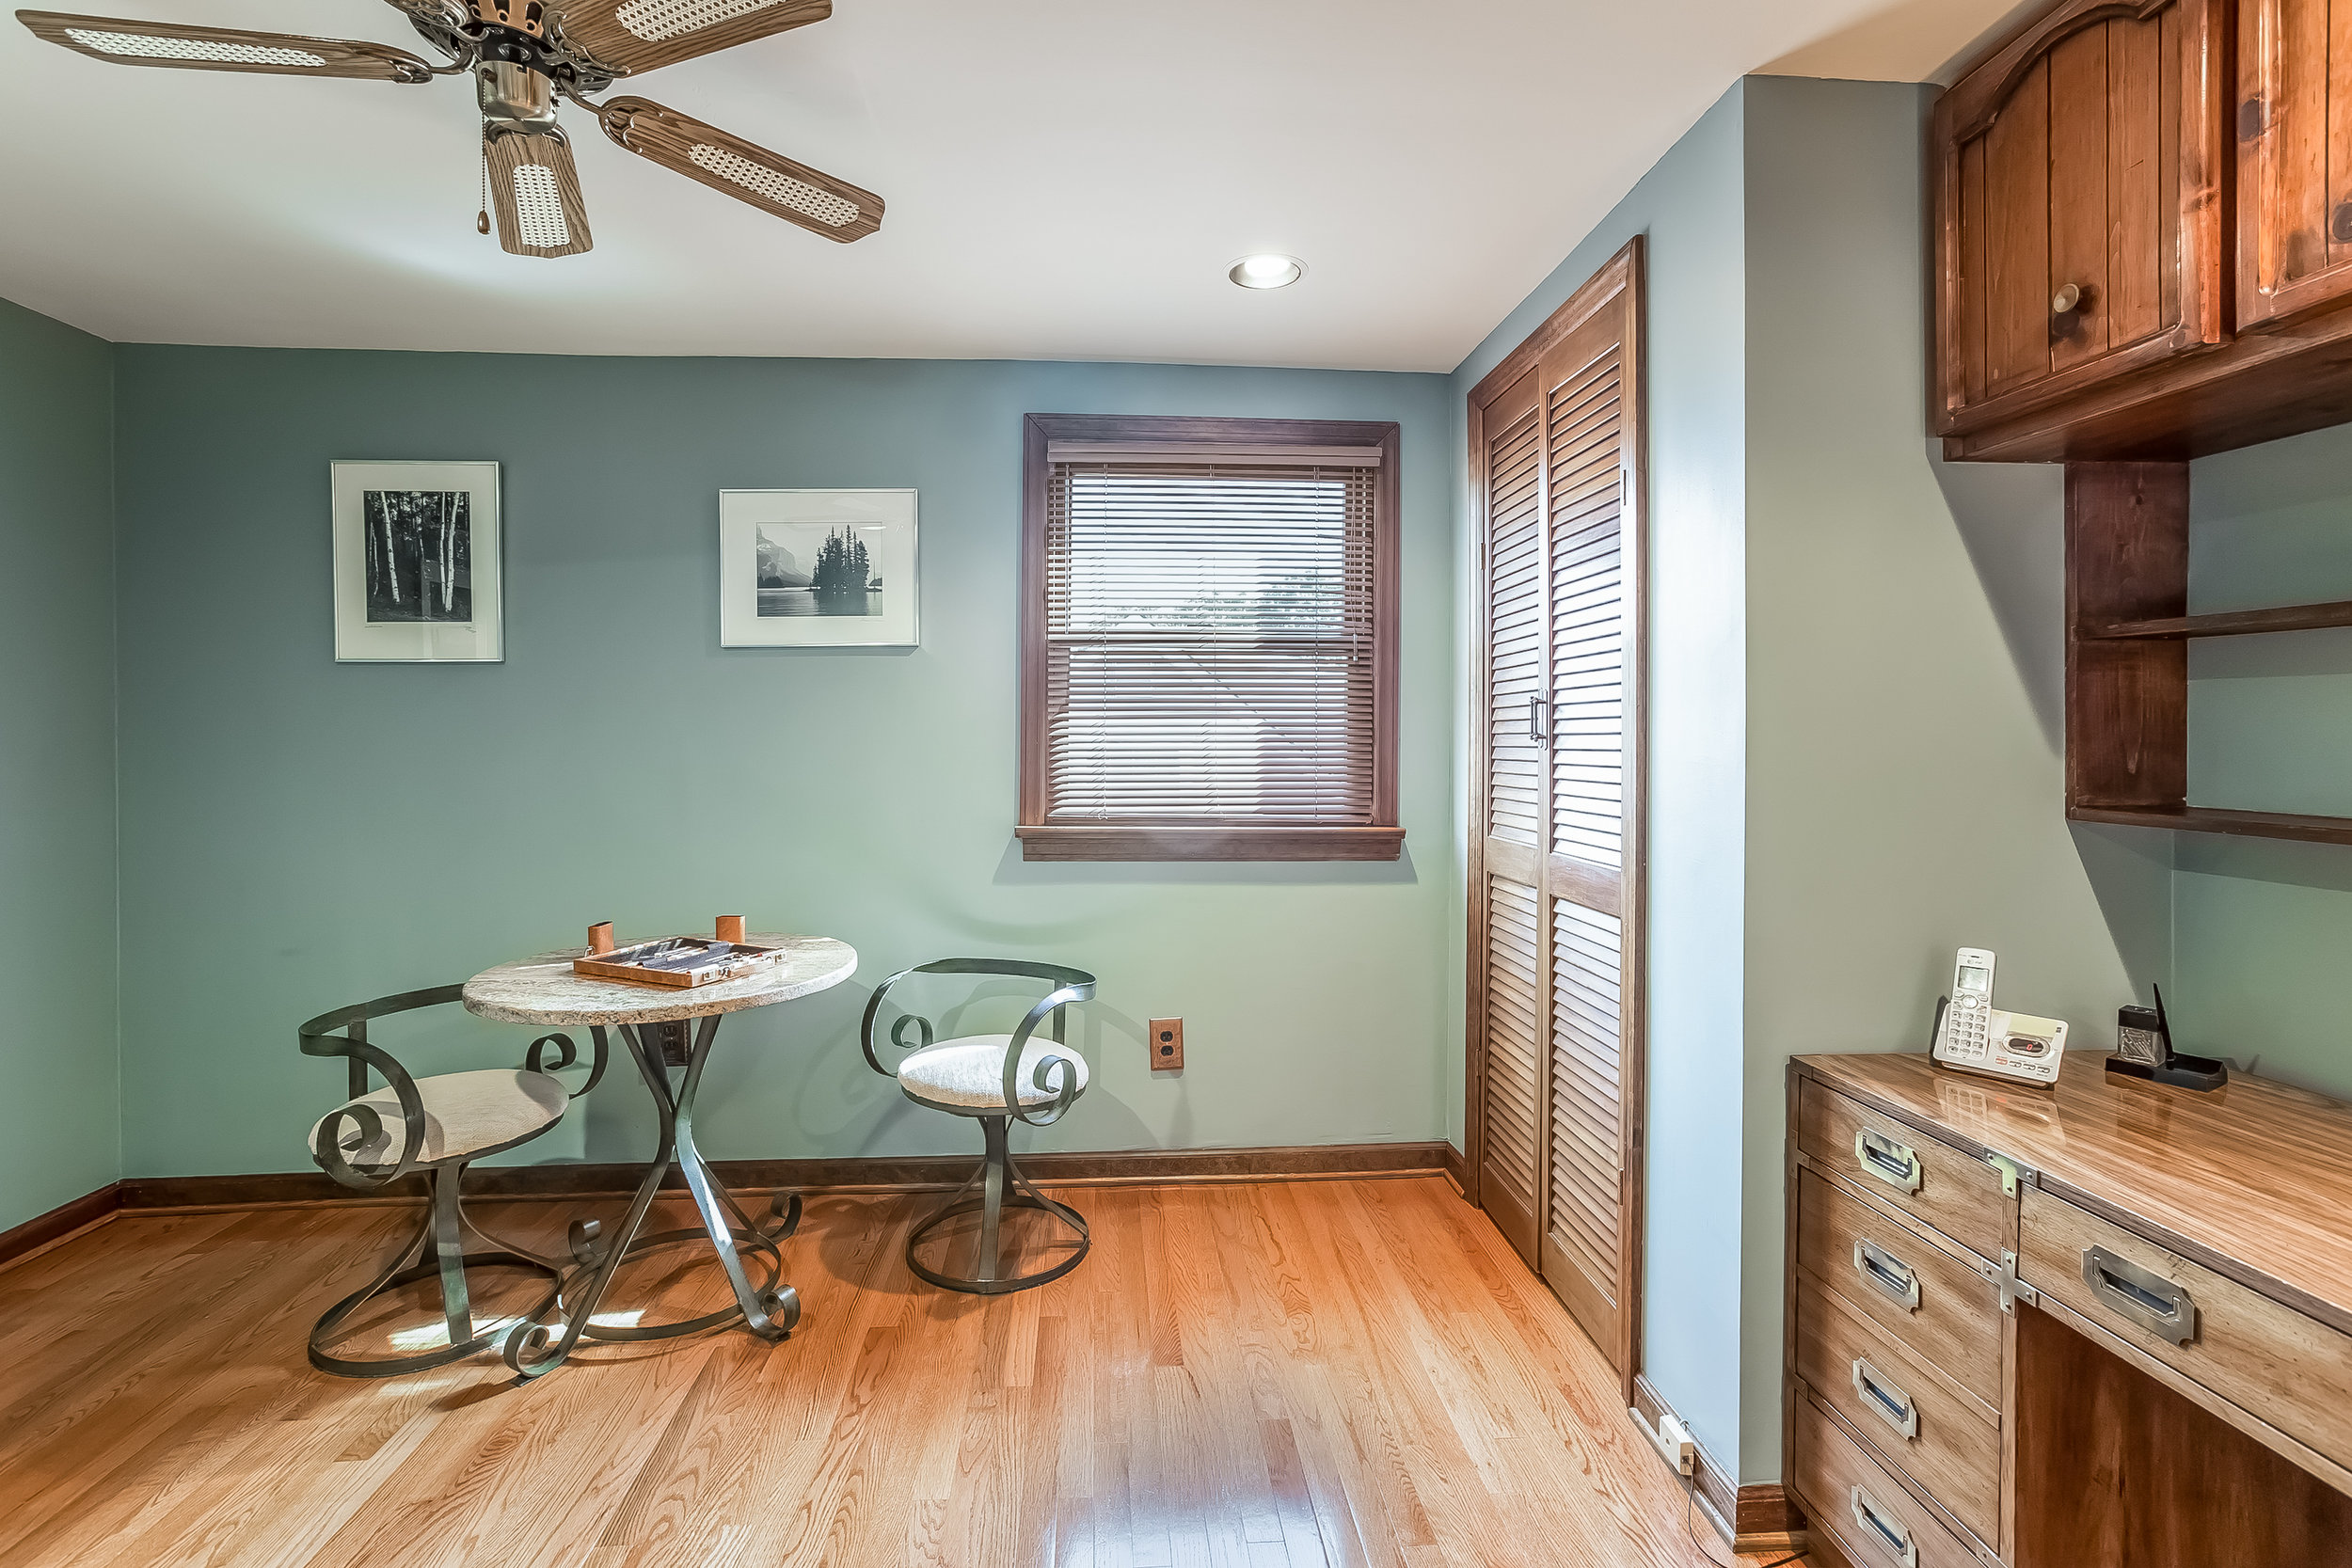 054-Bedroom-4932688-large.jpg